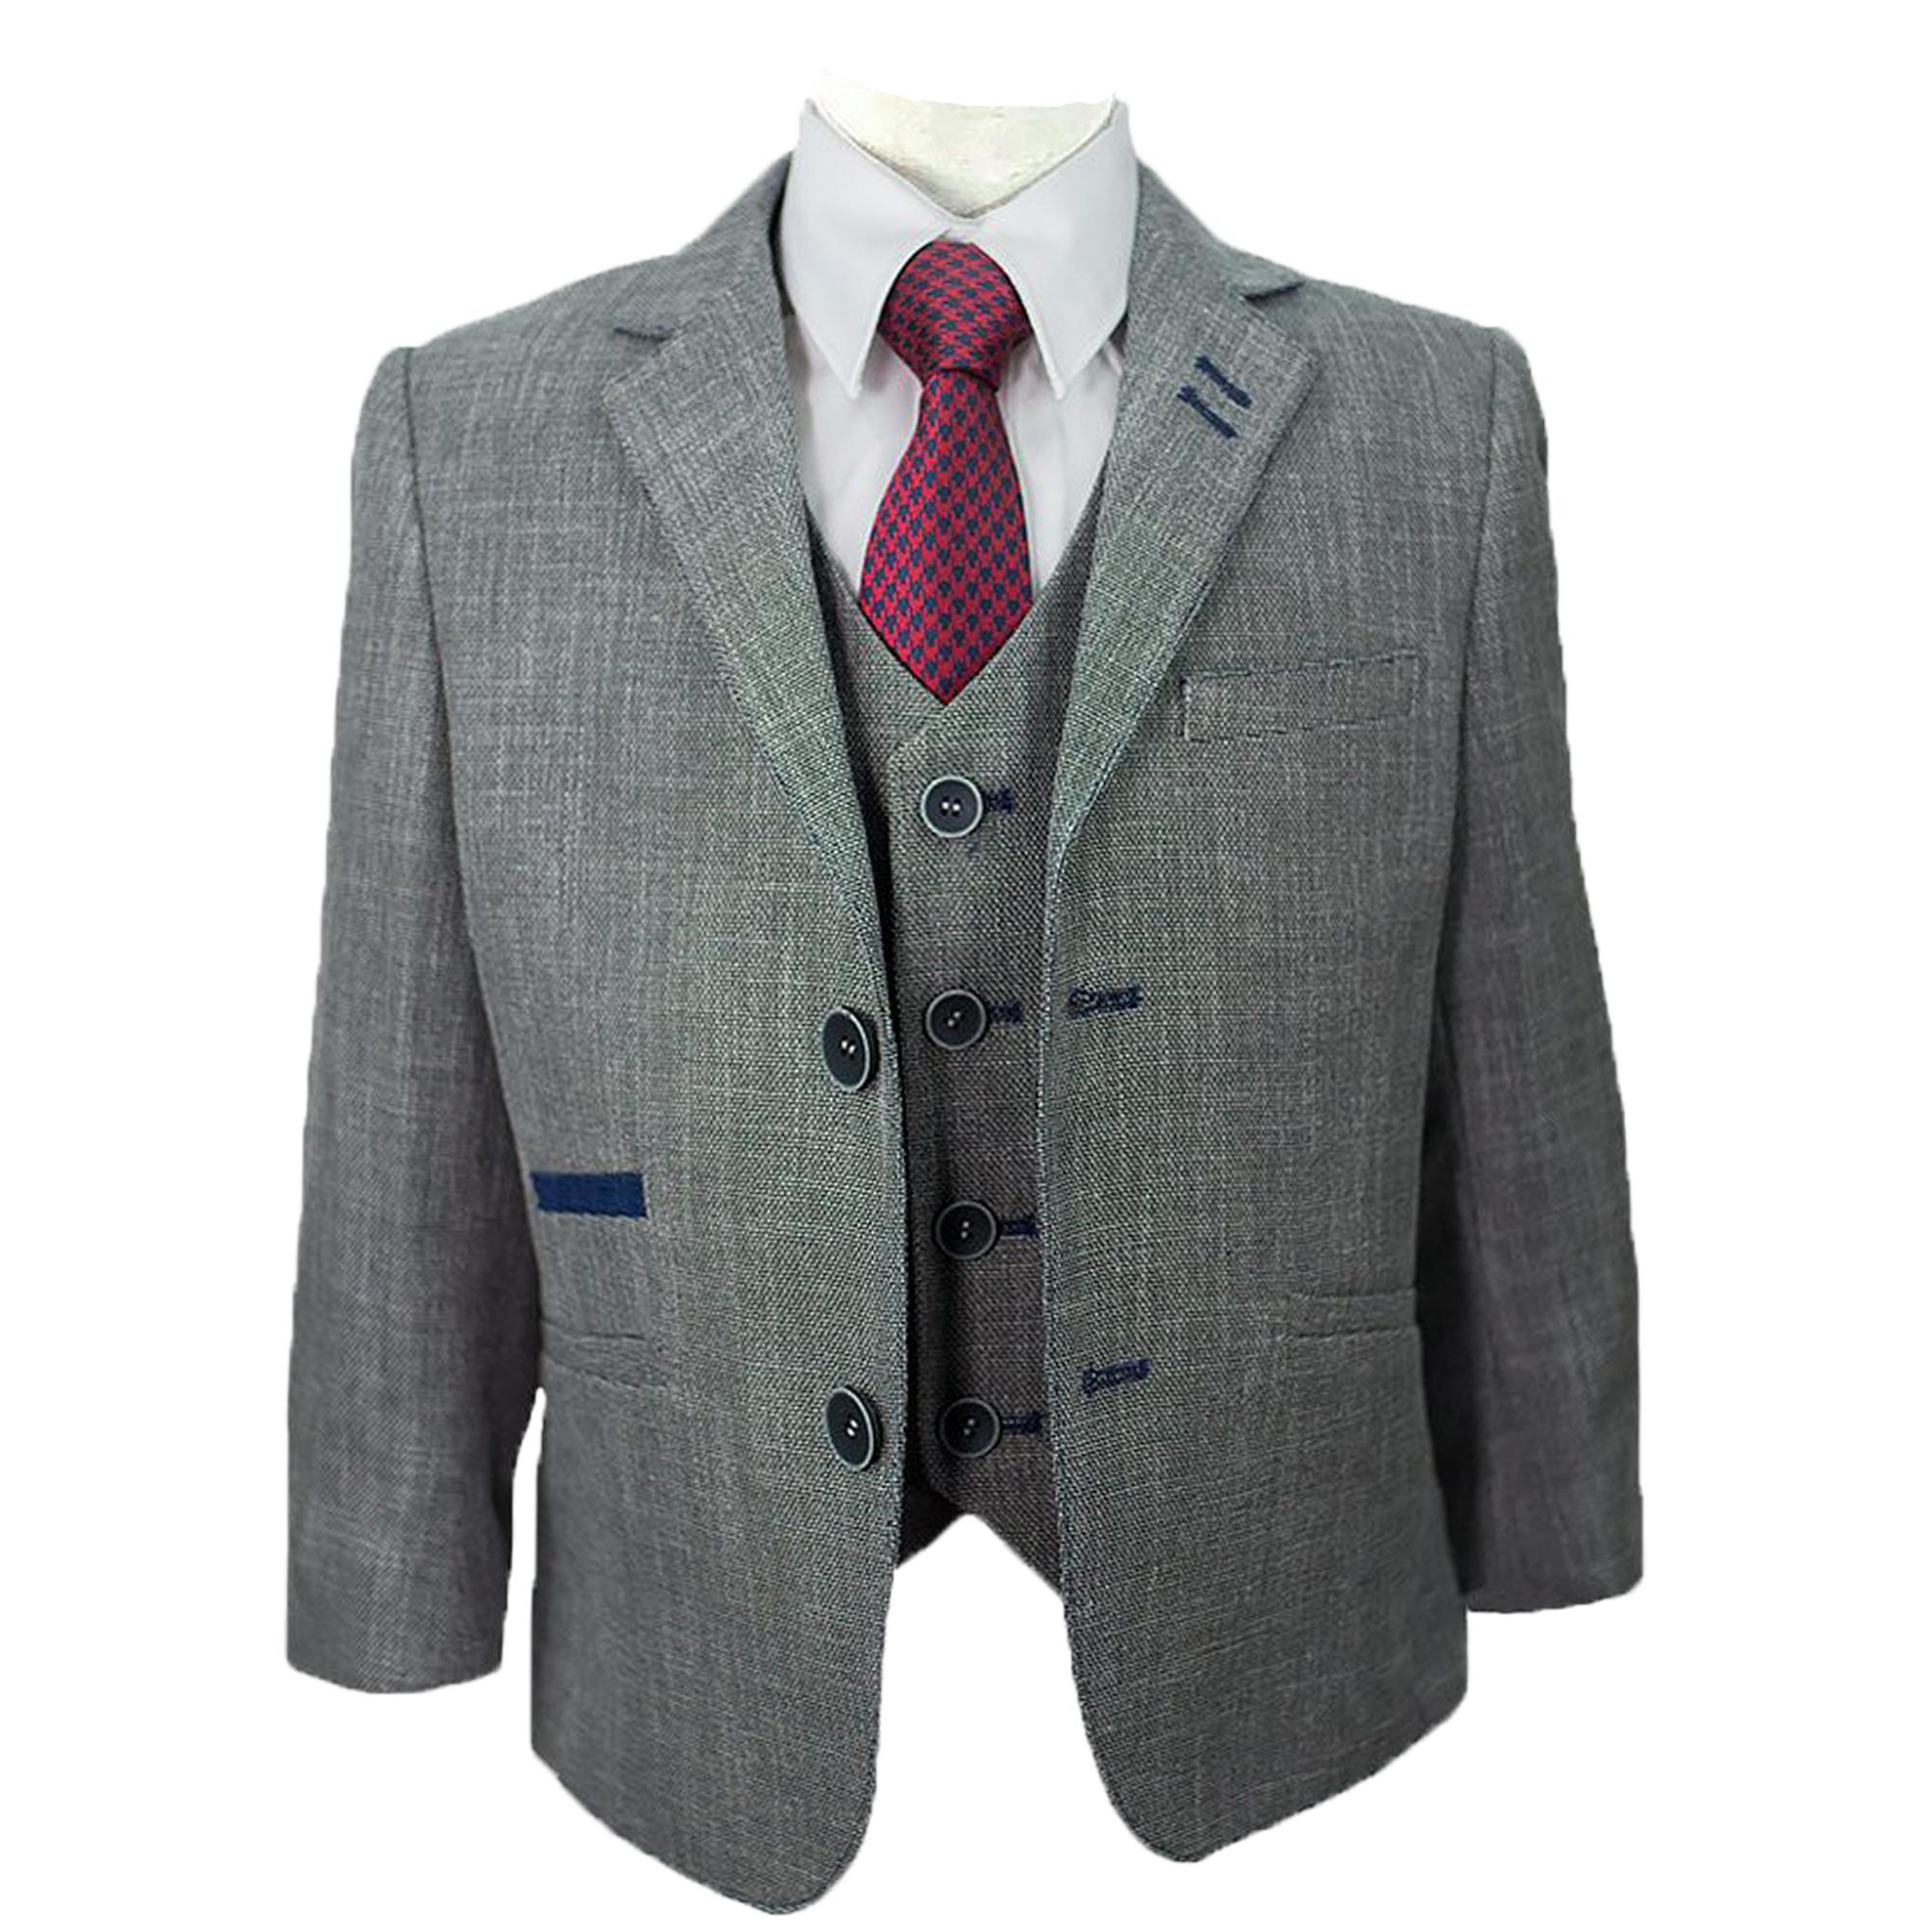 Ninos-Mezcla-De-Lana-Trajes-Creon-previs-3-Piezas-Tweed-CAVANI-chaqueta-chaleco